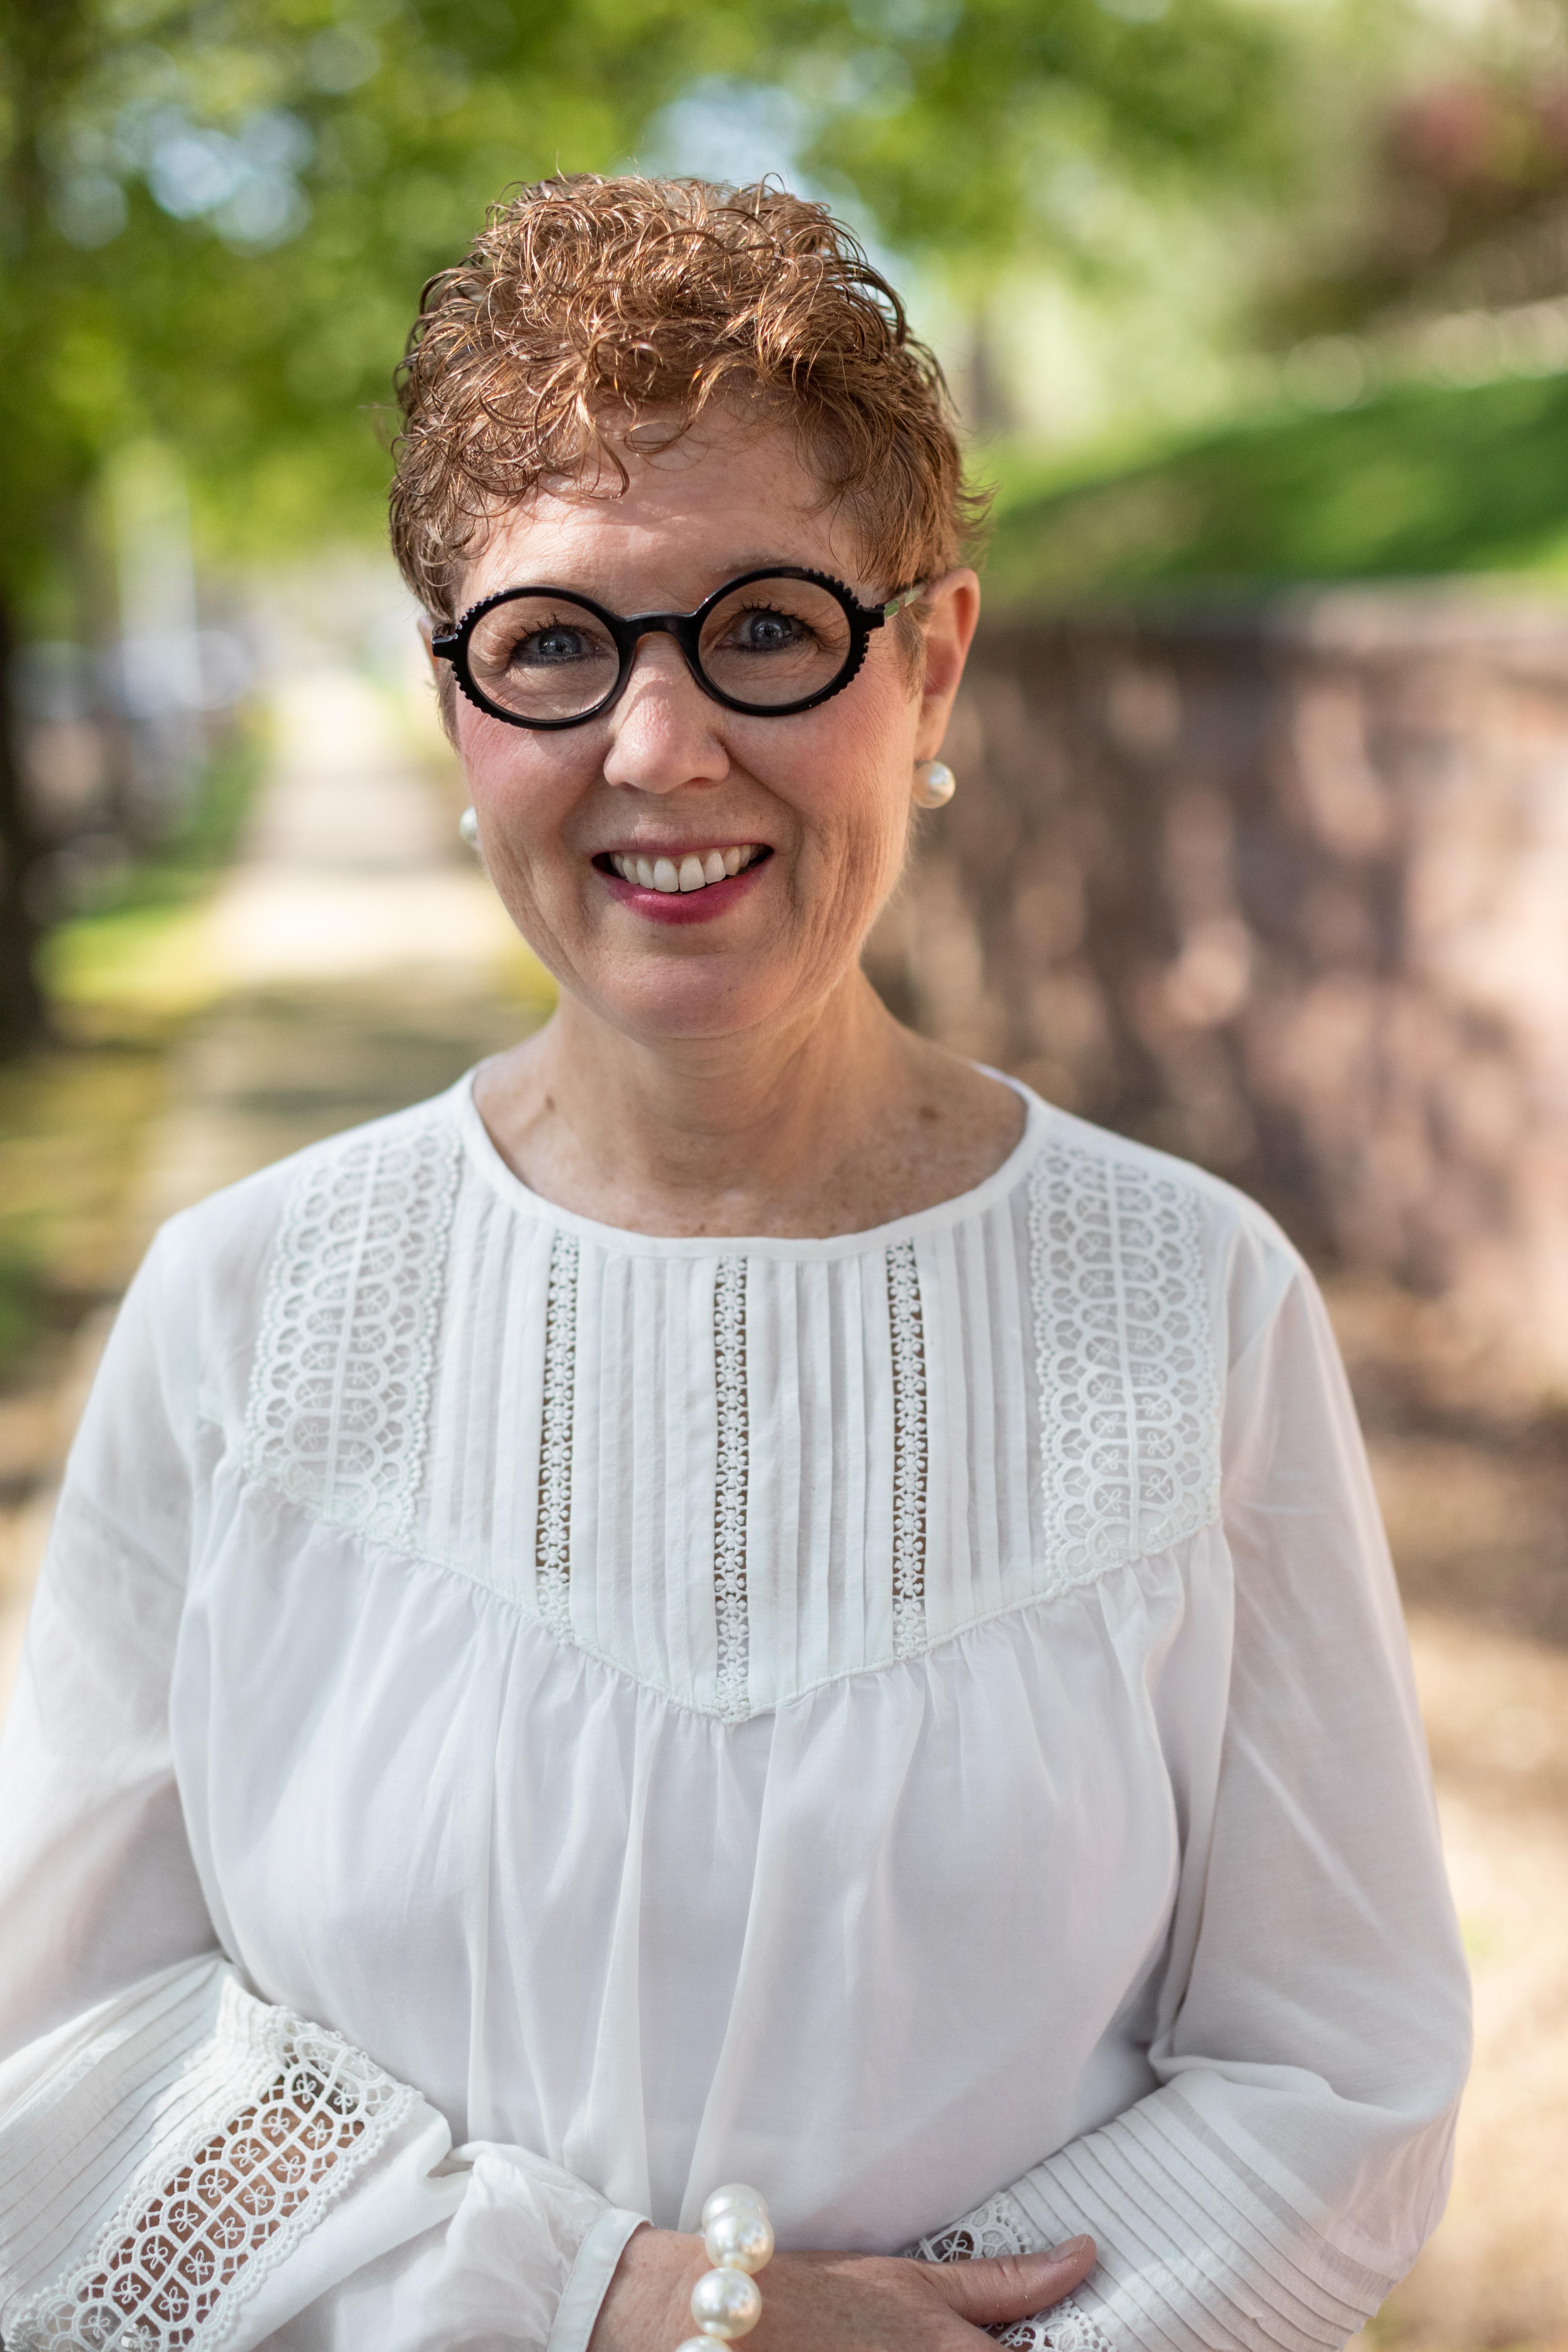 Preschool Director Sara Wachter Photo